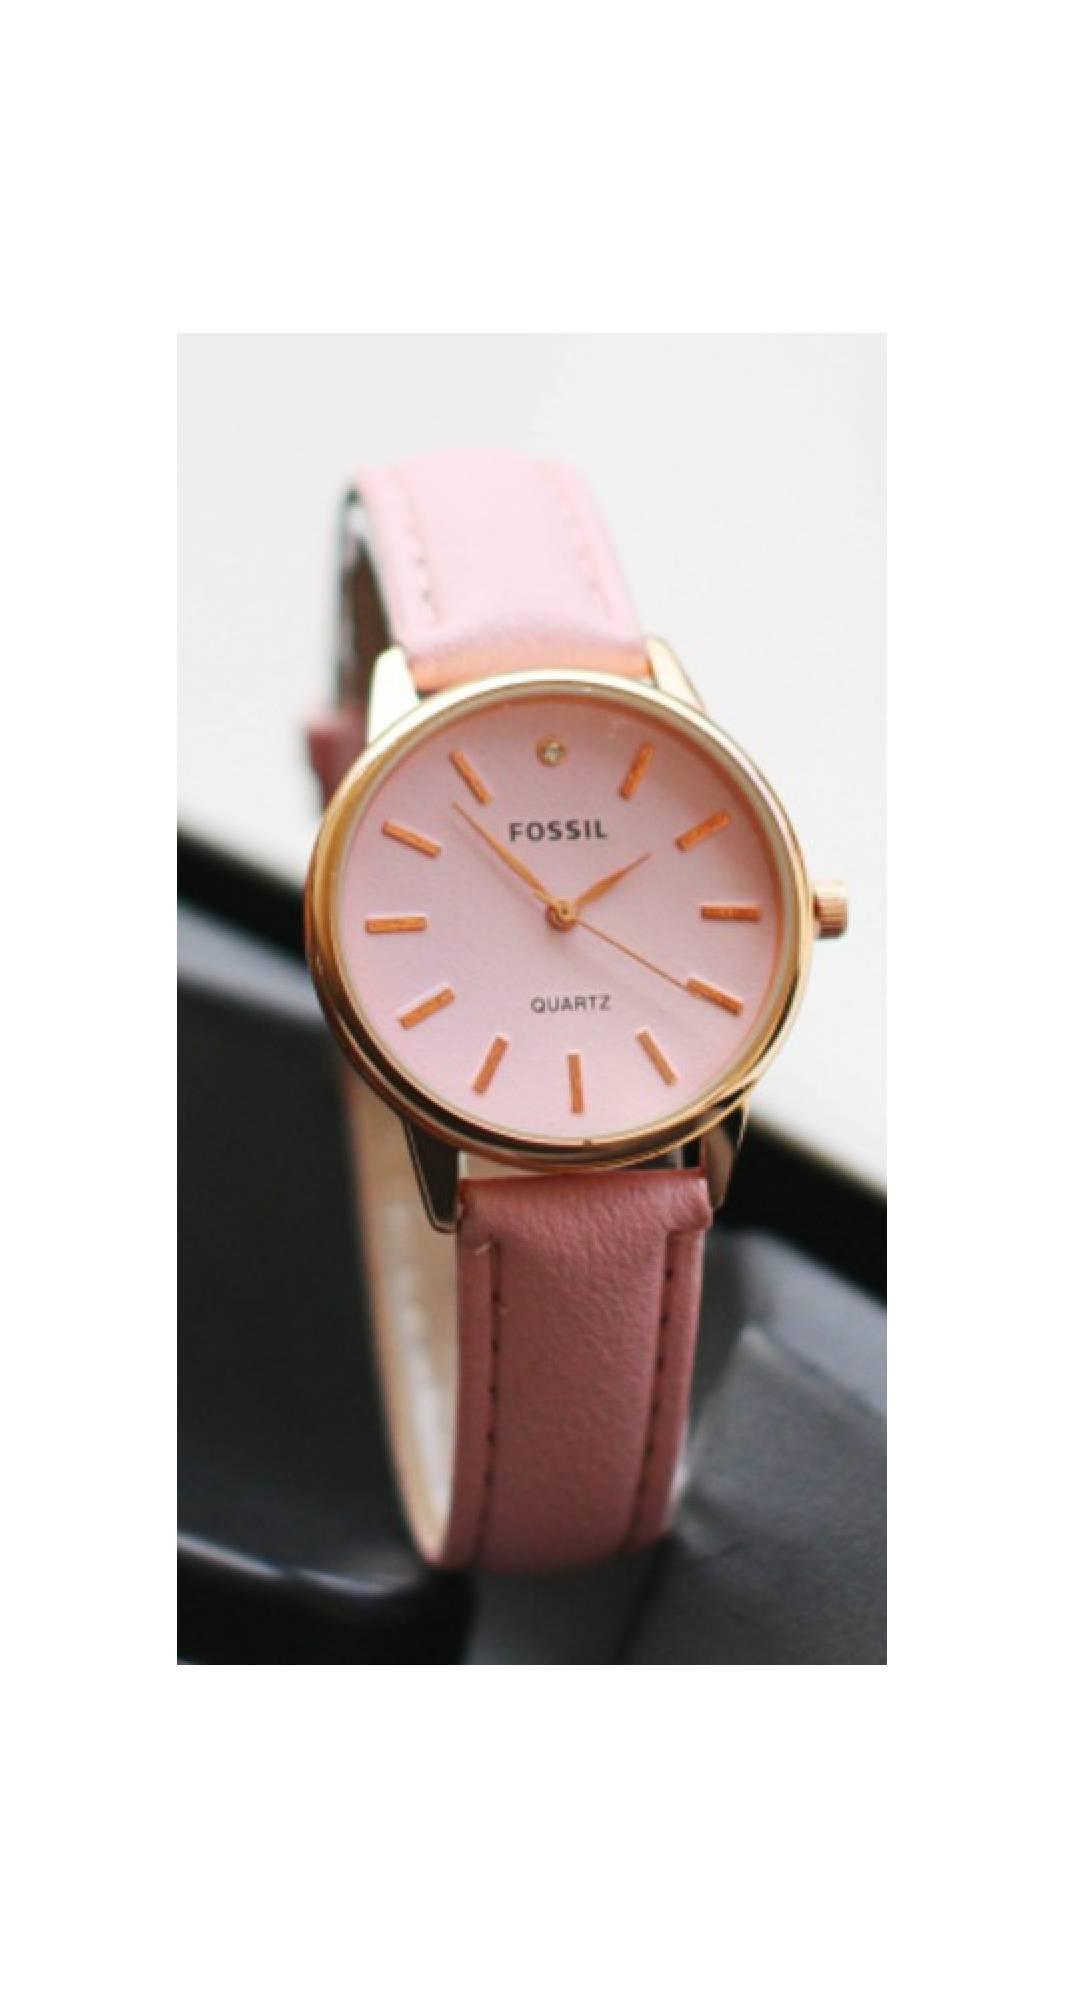 jam tangan fossil wanita gaya fashion kw premium murah elegan branded